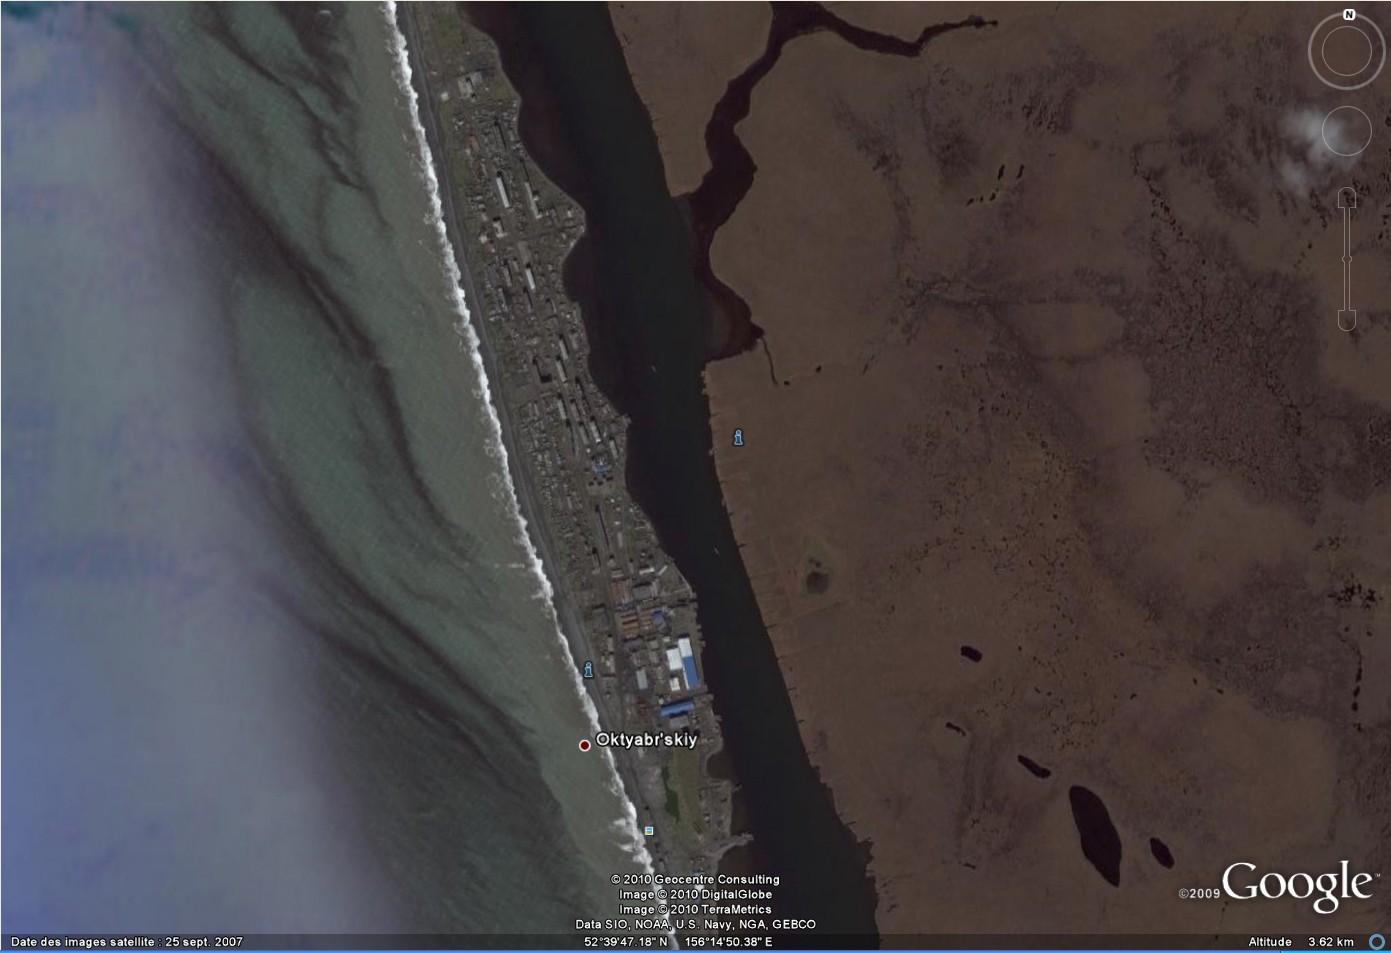 [C'est quoi ] Cote ouest du Kamchatka : pêcherie ou élevage ? Oktiab10